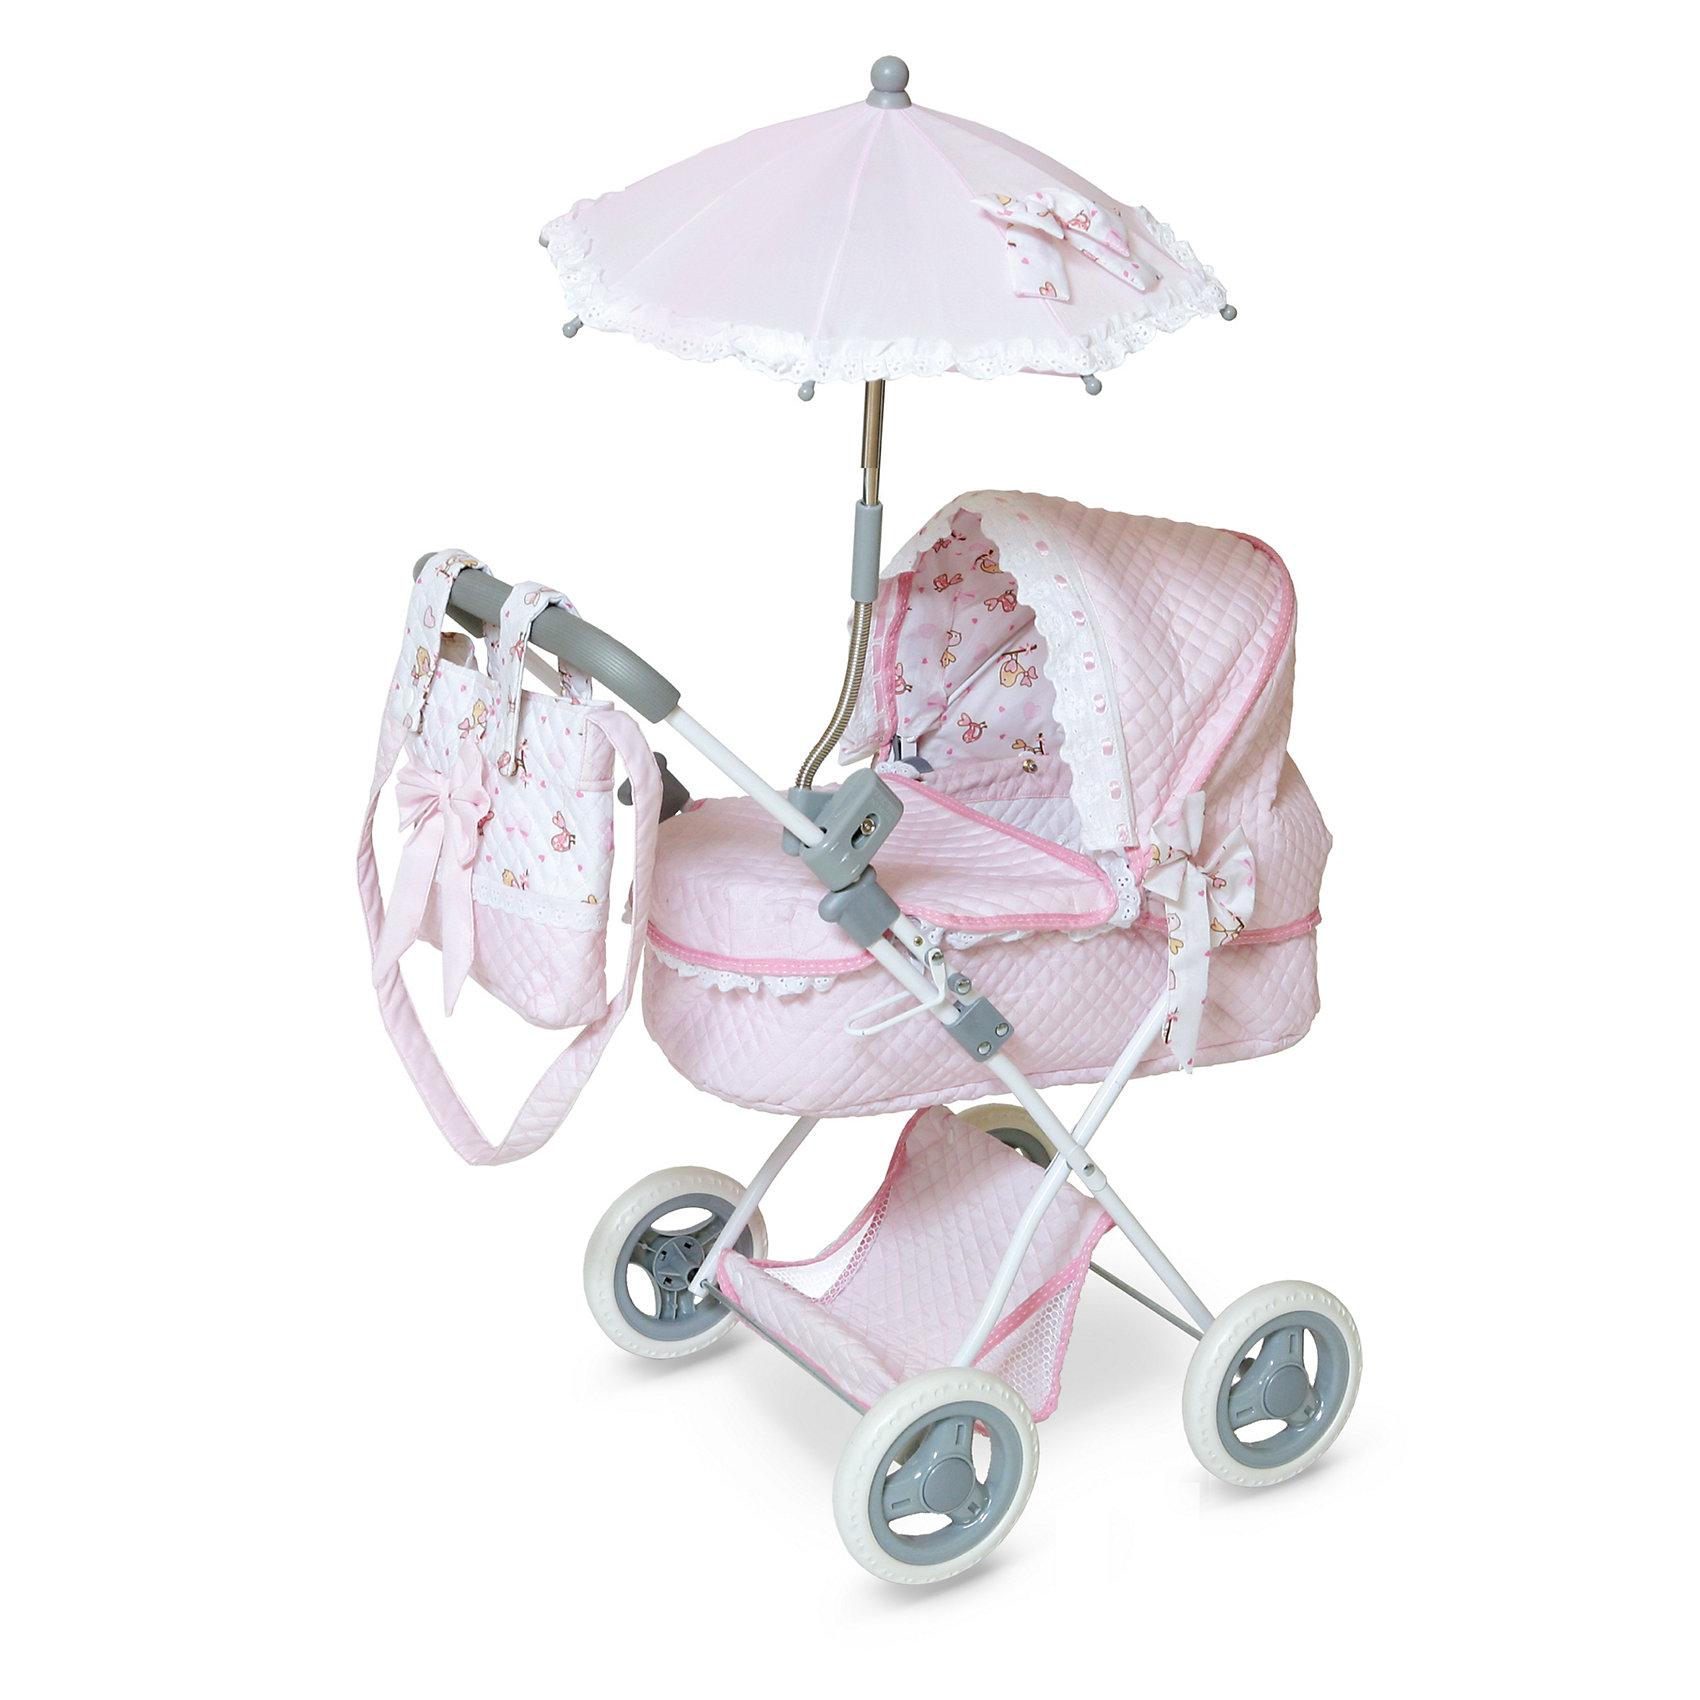 Коляска с сумкой Романтик, розовая, DeCuevasКукла для девочки - это не только игрушка, с которой можно весело провести время, кукла - это возможность отрабатывать навыки поведения в обществе, учиться заботе о других, делать прически и одеваться согласно моде и поводу. Любимой кукле обязательно нужна коляска.<br>Эта красивая коляска не только эффектно выглядит, она легко складывается. В ней есть всё необходимое для комфорта - зонт и сумка на ручке. Игрушка украшена ажурной отделкой, в ней - прочный металлический каркас. Произведена коляска из безопасных для ребенка и качественных материалов.<br><br>Дополнительная информация:<br><br>цвет: розовый;<br>материал: пластик, текстиль, металл;<br>есть зонт и сумка на ручке;<br>размер: 38 х 65 х 60 см.<br><br>Коляску с сумкой Романтик от компании DeCuevas можно купить в нашем магазине.<br><br>Ширина мм: 38<br>Глубина мм: 60<br>Высота мм: 65<br>Вес г: 2300<br>Возраст от месяцев: 36<br>Возраст до месяцев: 2147483647<br>Пол: Женский<br>Возраст: Детский<br>SKU: 4975804